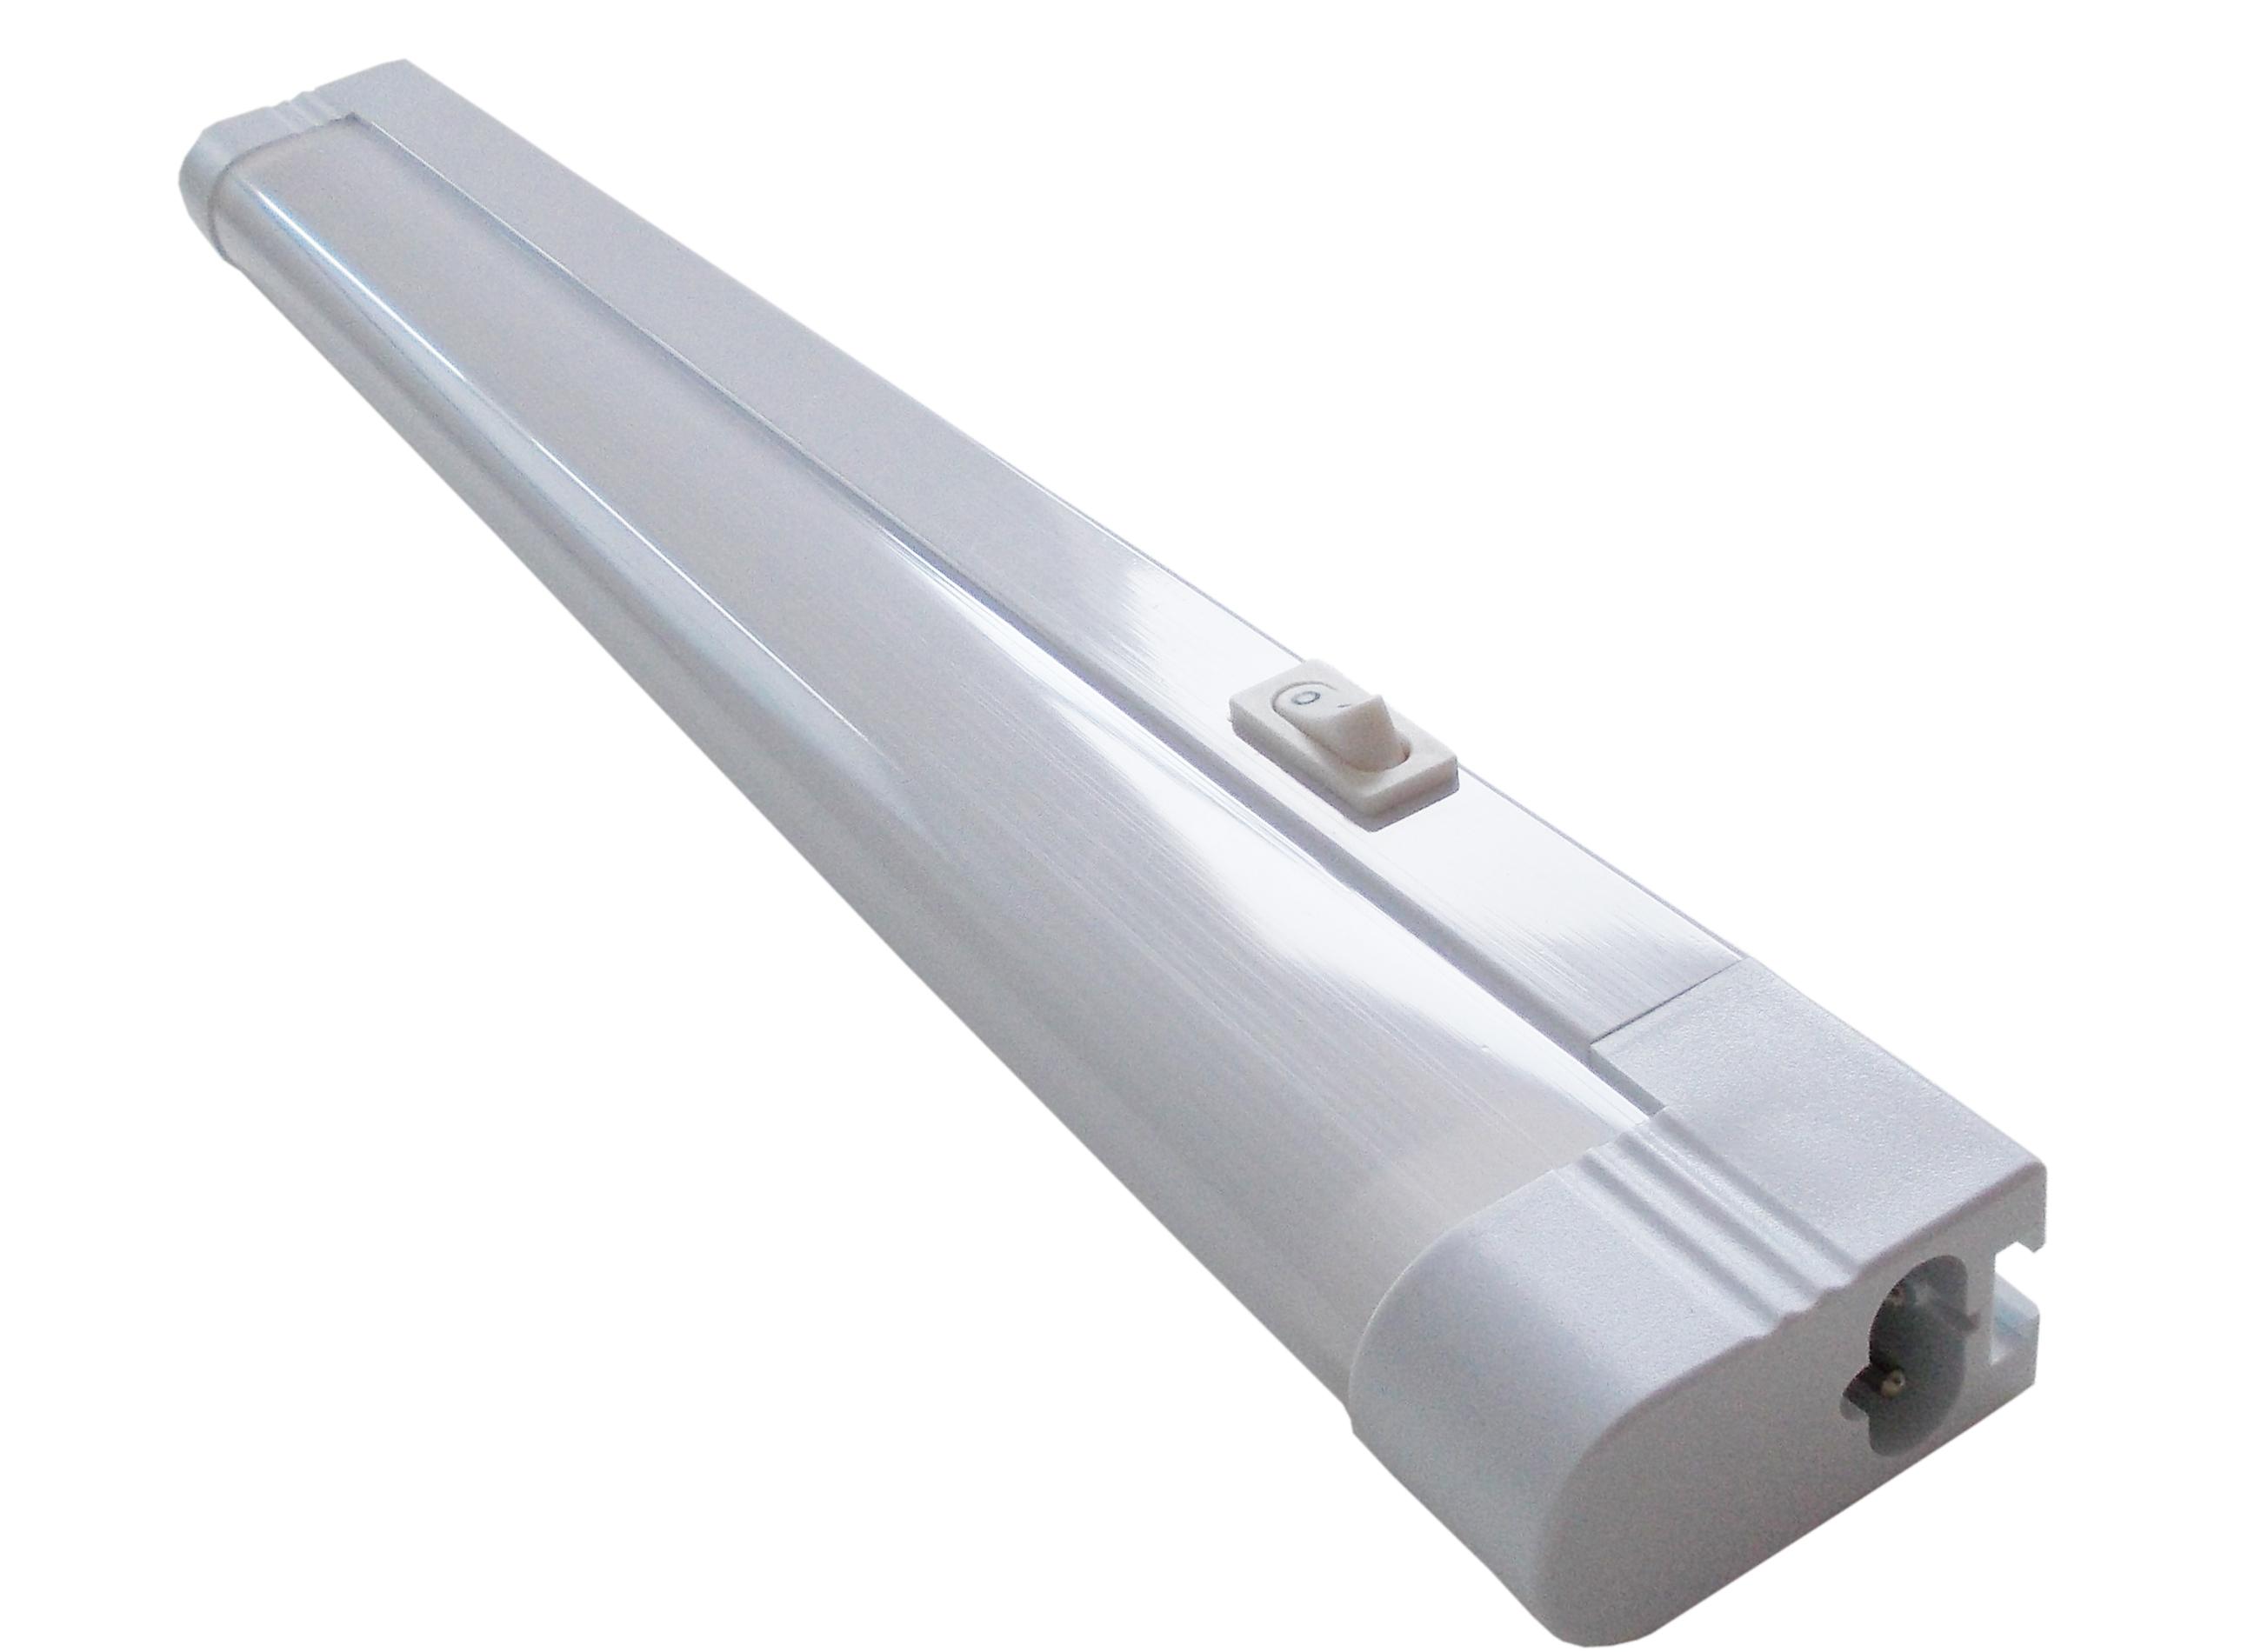 Profilite Kuchyňské svítidlo PL-TL4071S-300-WHITE s vypínačem